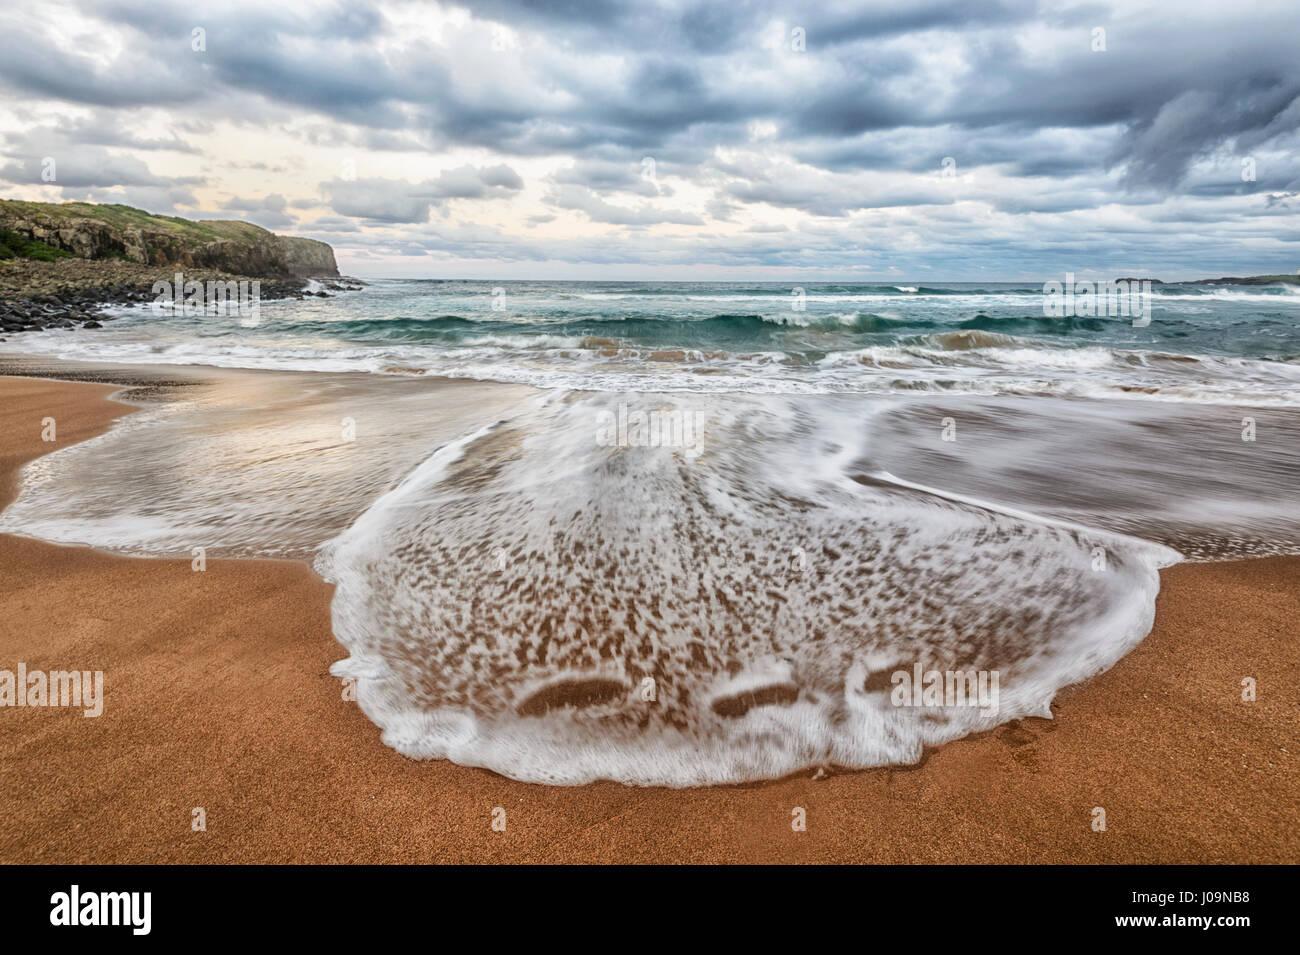 Spectaculaire vue de l'imminence d'une tempête et de modèles de vague à la plage de Bombo, Photo Stock